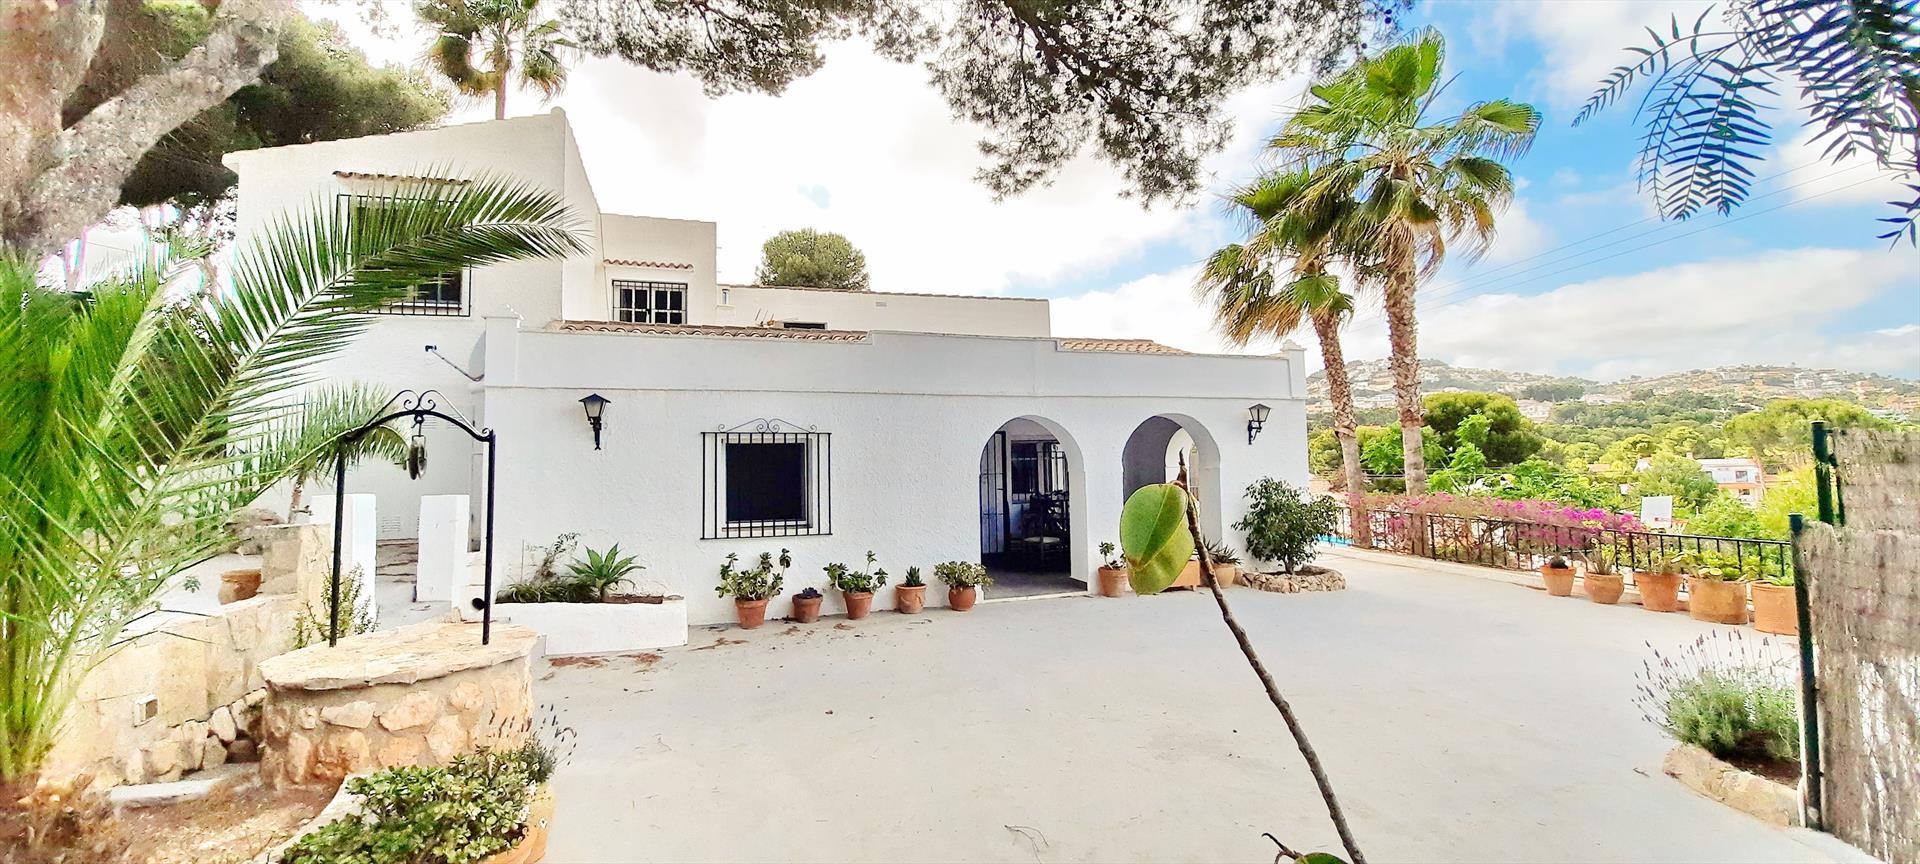 Villa Mamounia Solidays Moraira,Wunderschöne und gemütliche Villa  mit privatem Pool in Moraira, an der Costa Blanca, Spanien für 8 Personen.....